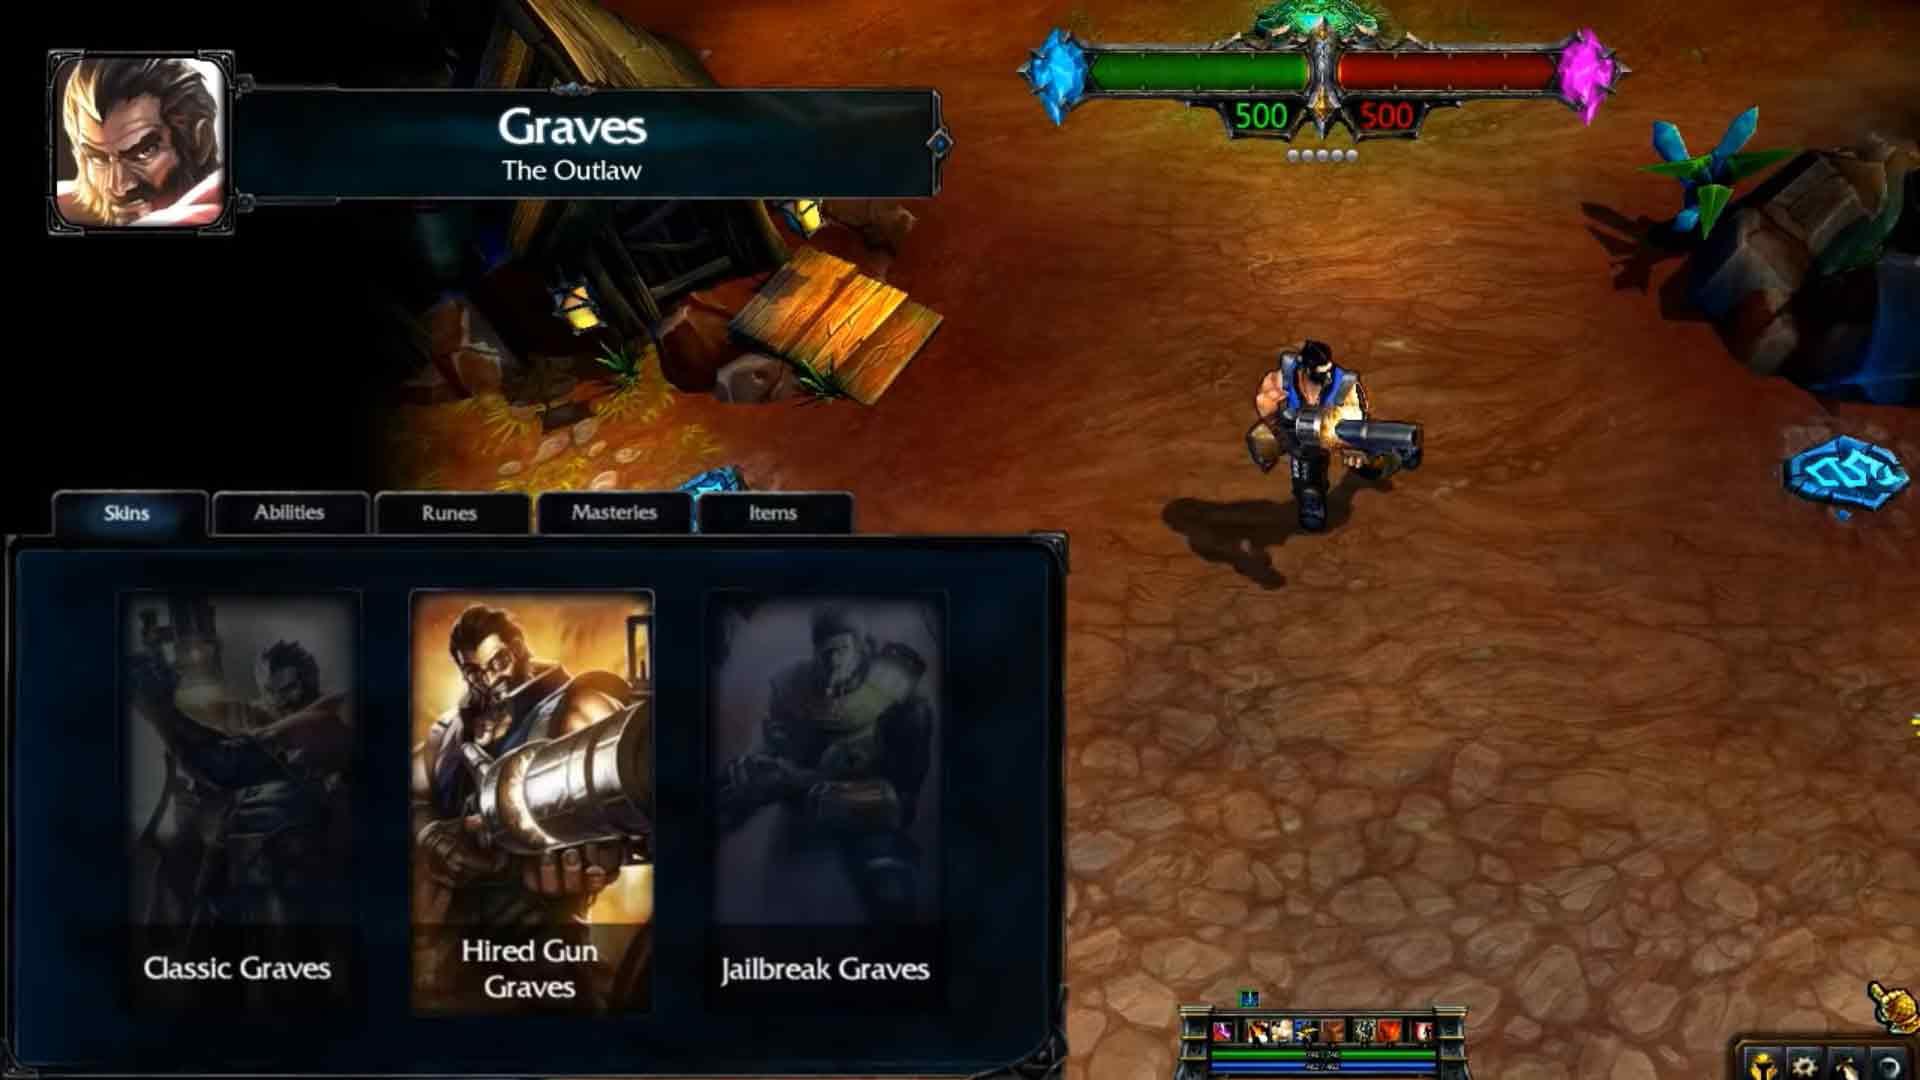 Graves-LOL-อาชญากรหมายเลข-1-2